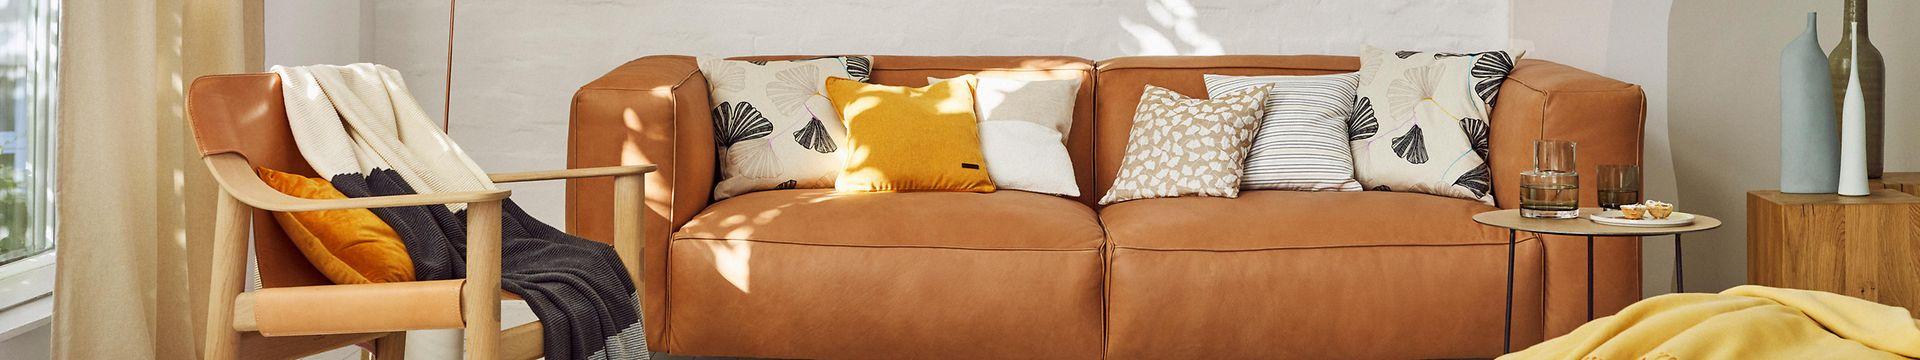 082021 - home - hero banner - livingroom - IMG